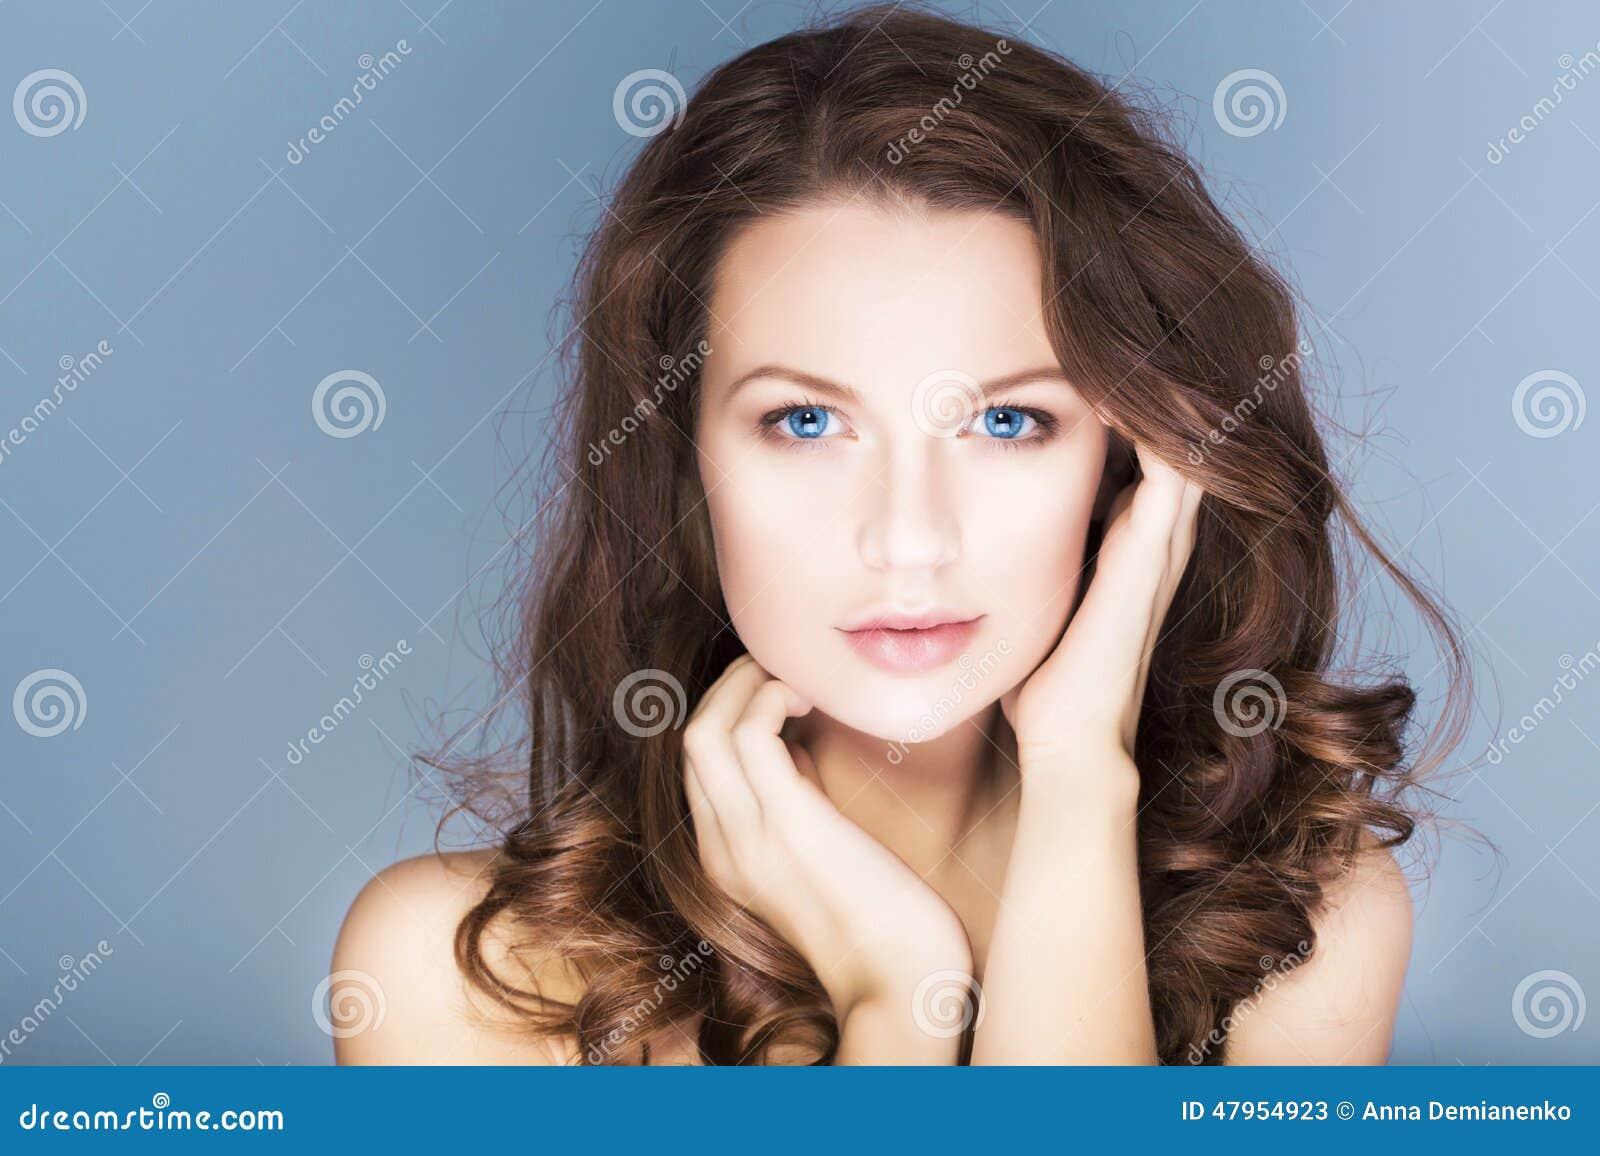 Brunettefrau mit blauen Augen außen bilden, natürliche makellose Haut und Hände nahe ihrem Gesicht